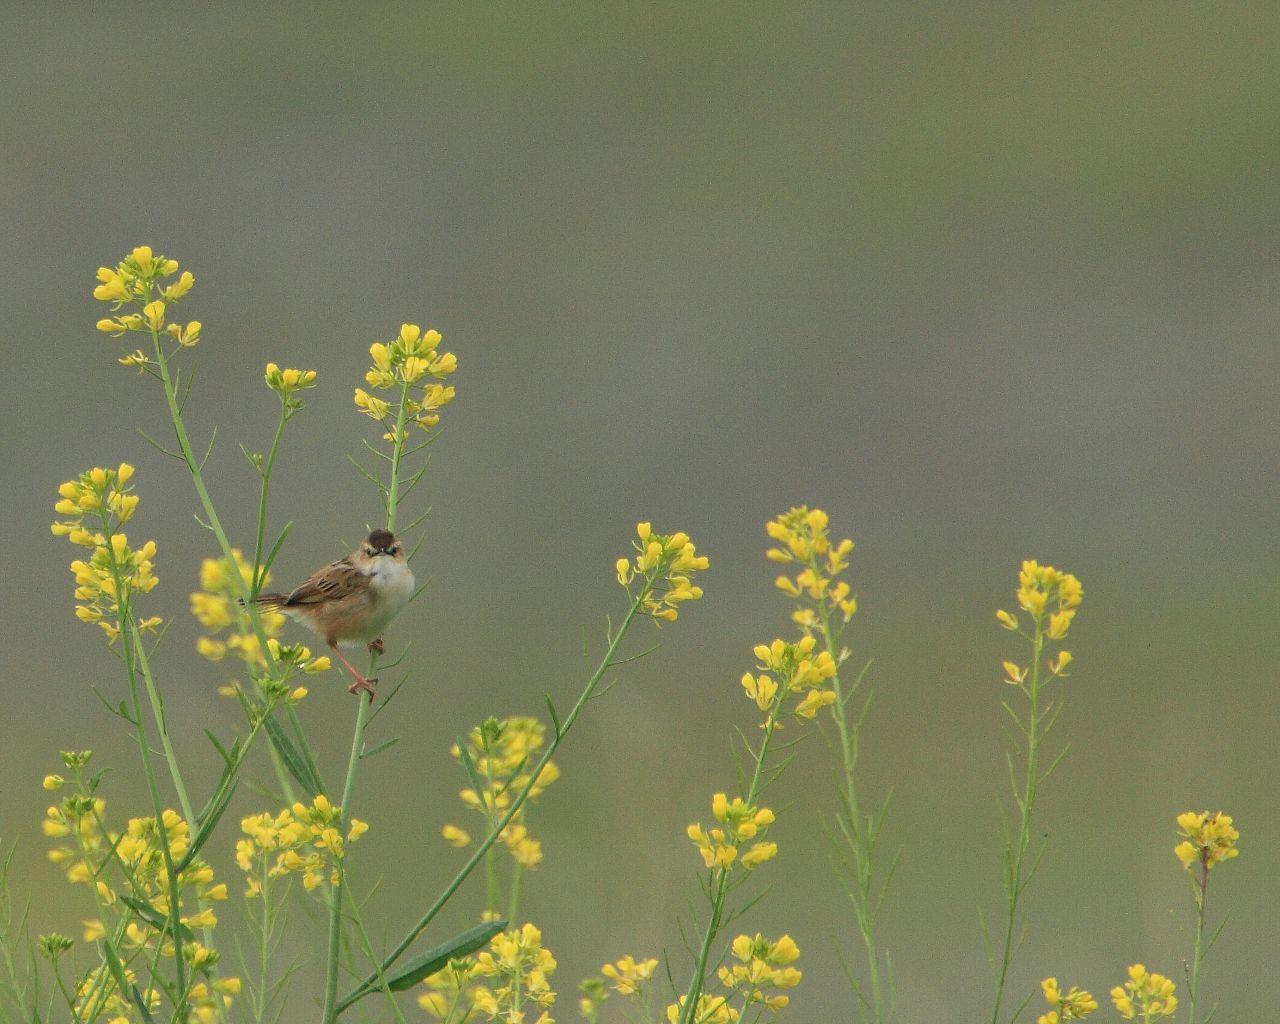 セッカとカラシナ: 春らしい綺麗な野鳥の壁紙_f0105570_2201668.jpg